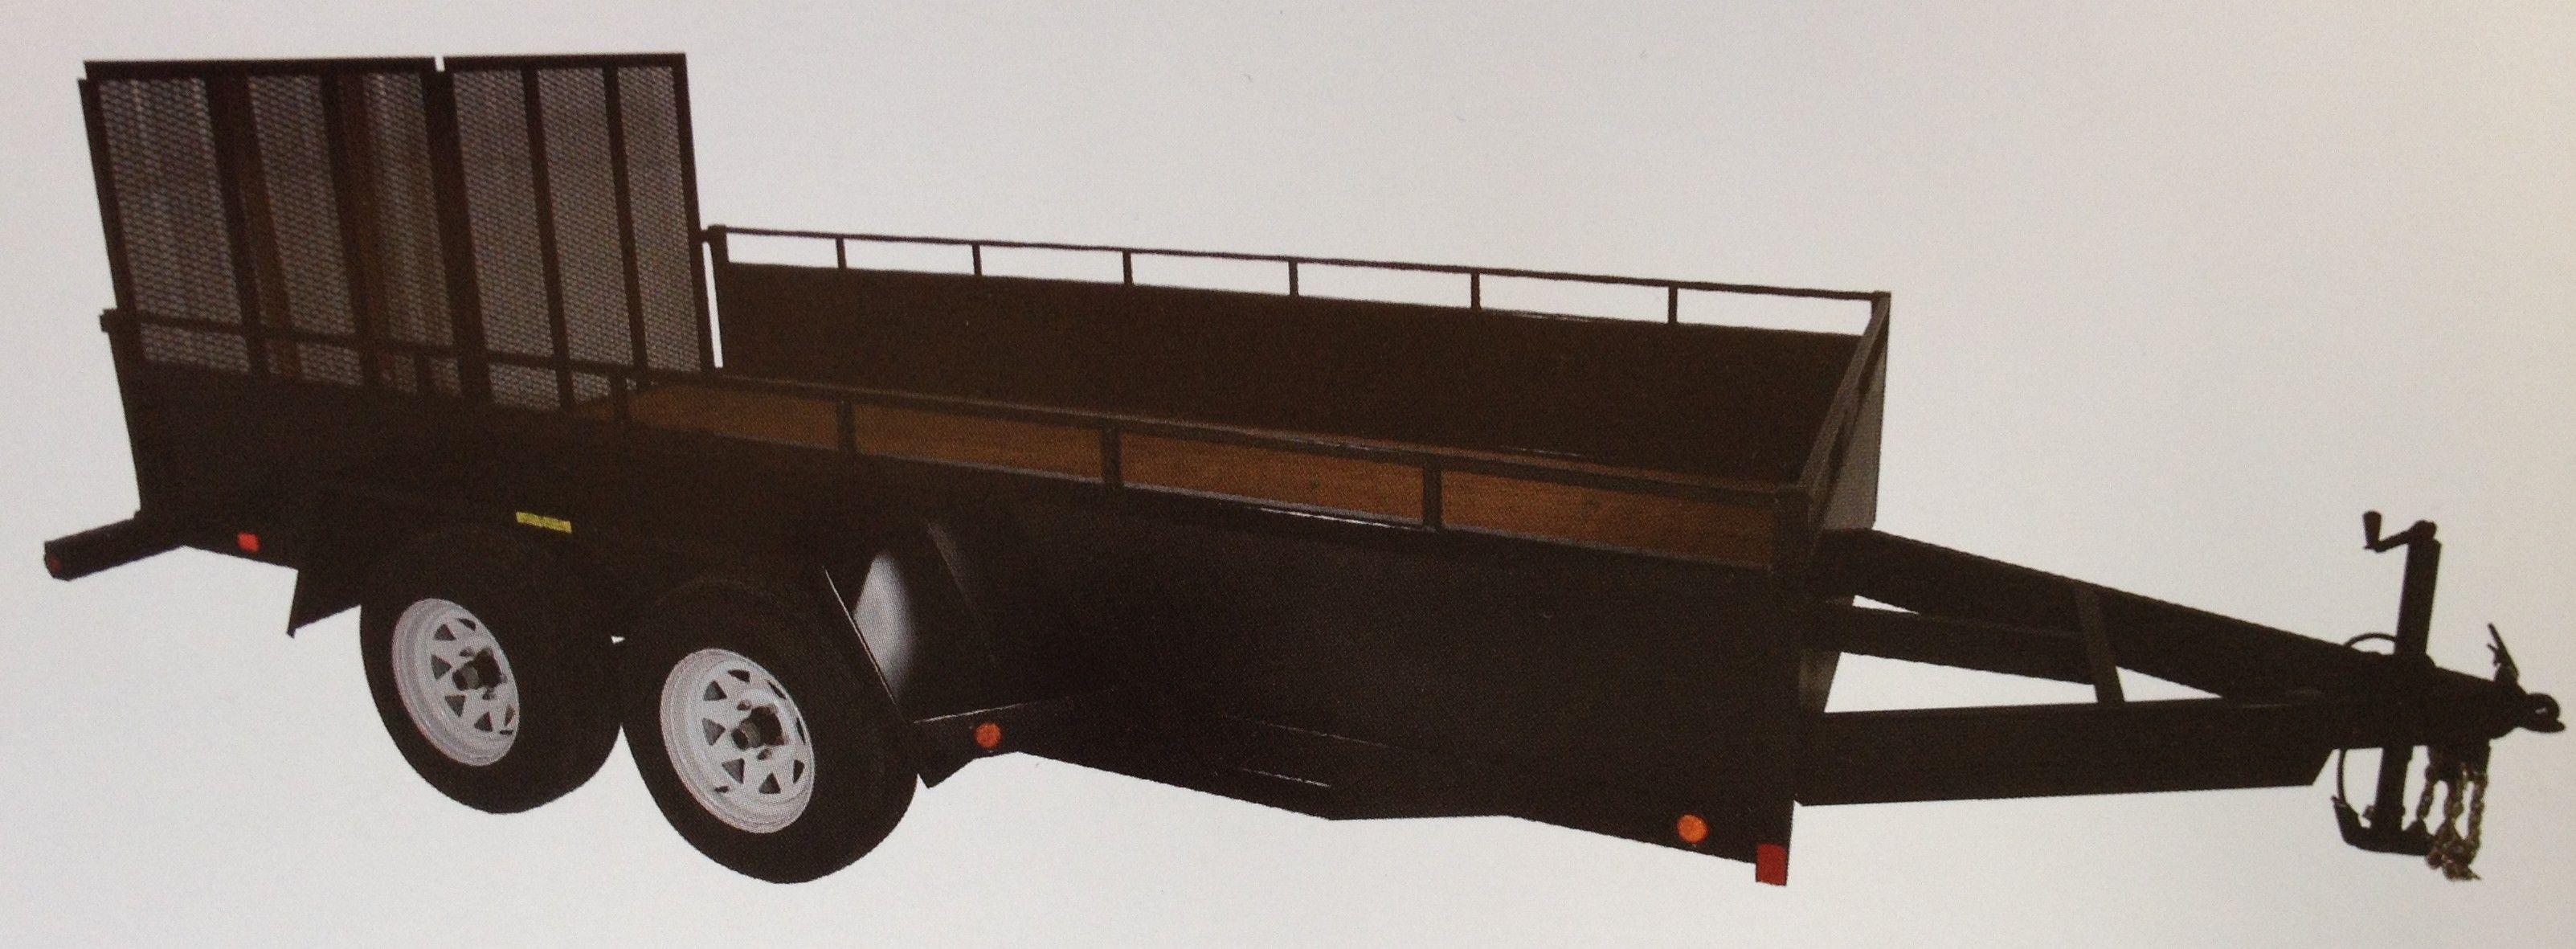 W x 14' L) GDLT 8014